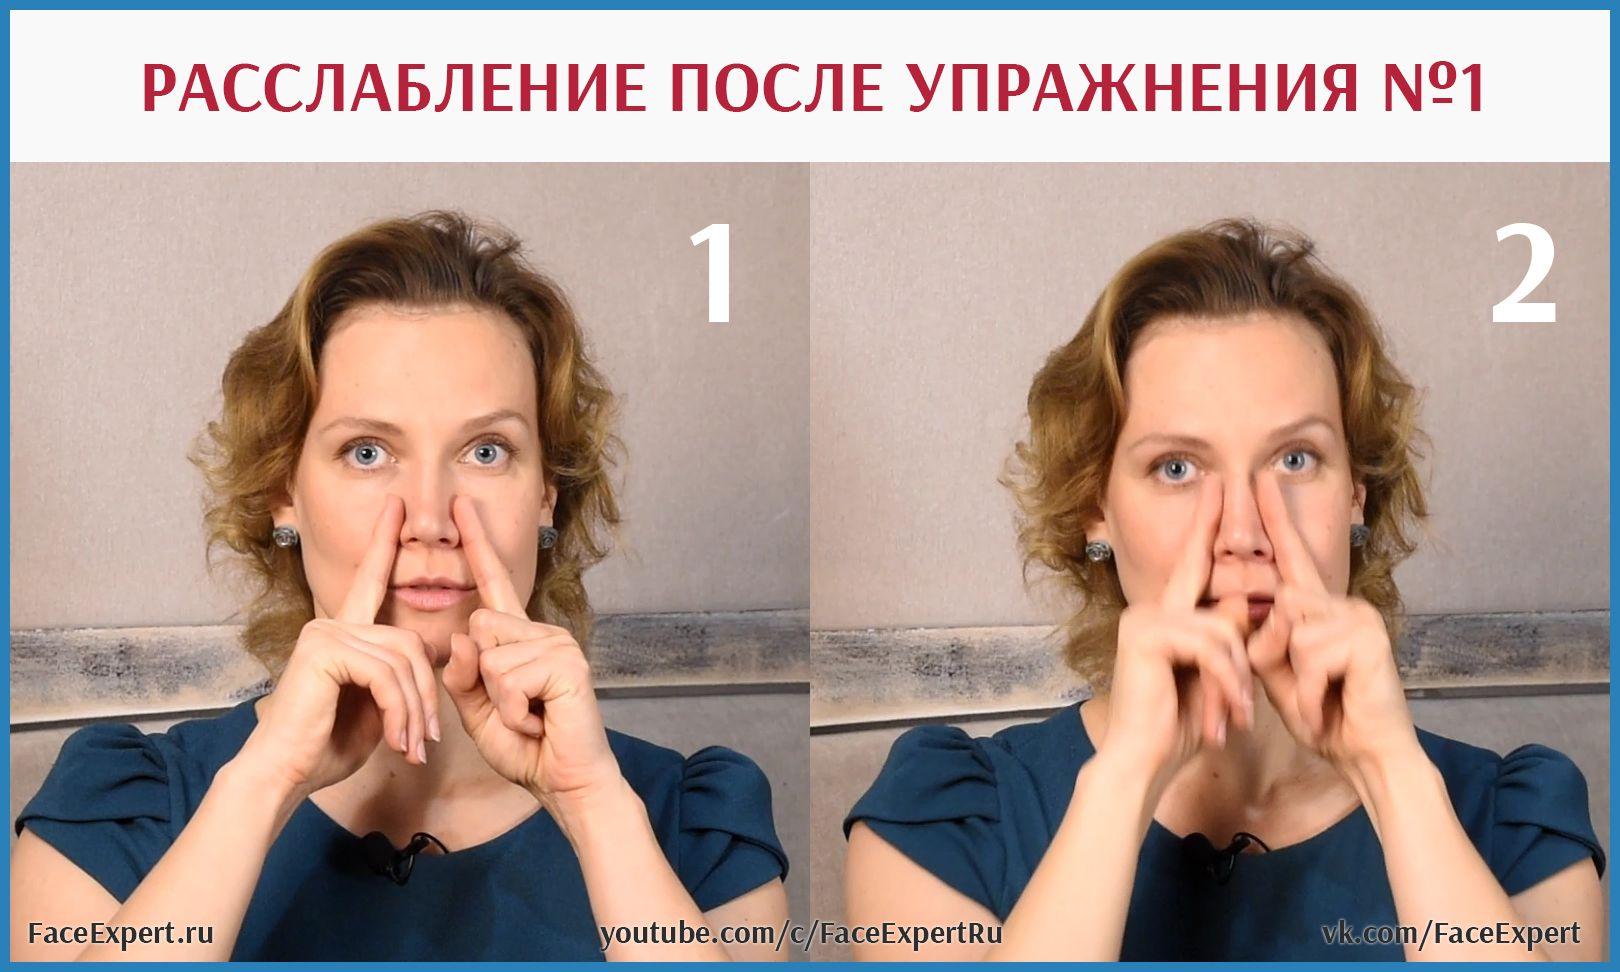 Как убрать носогубные морщины в 57